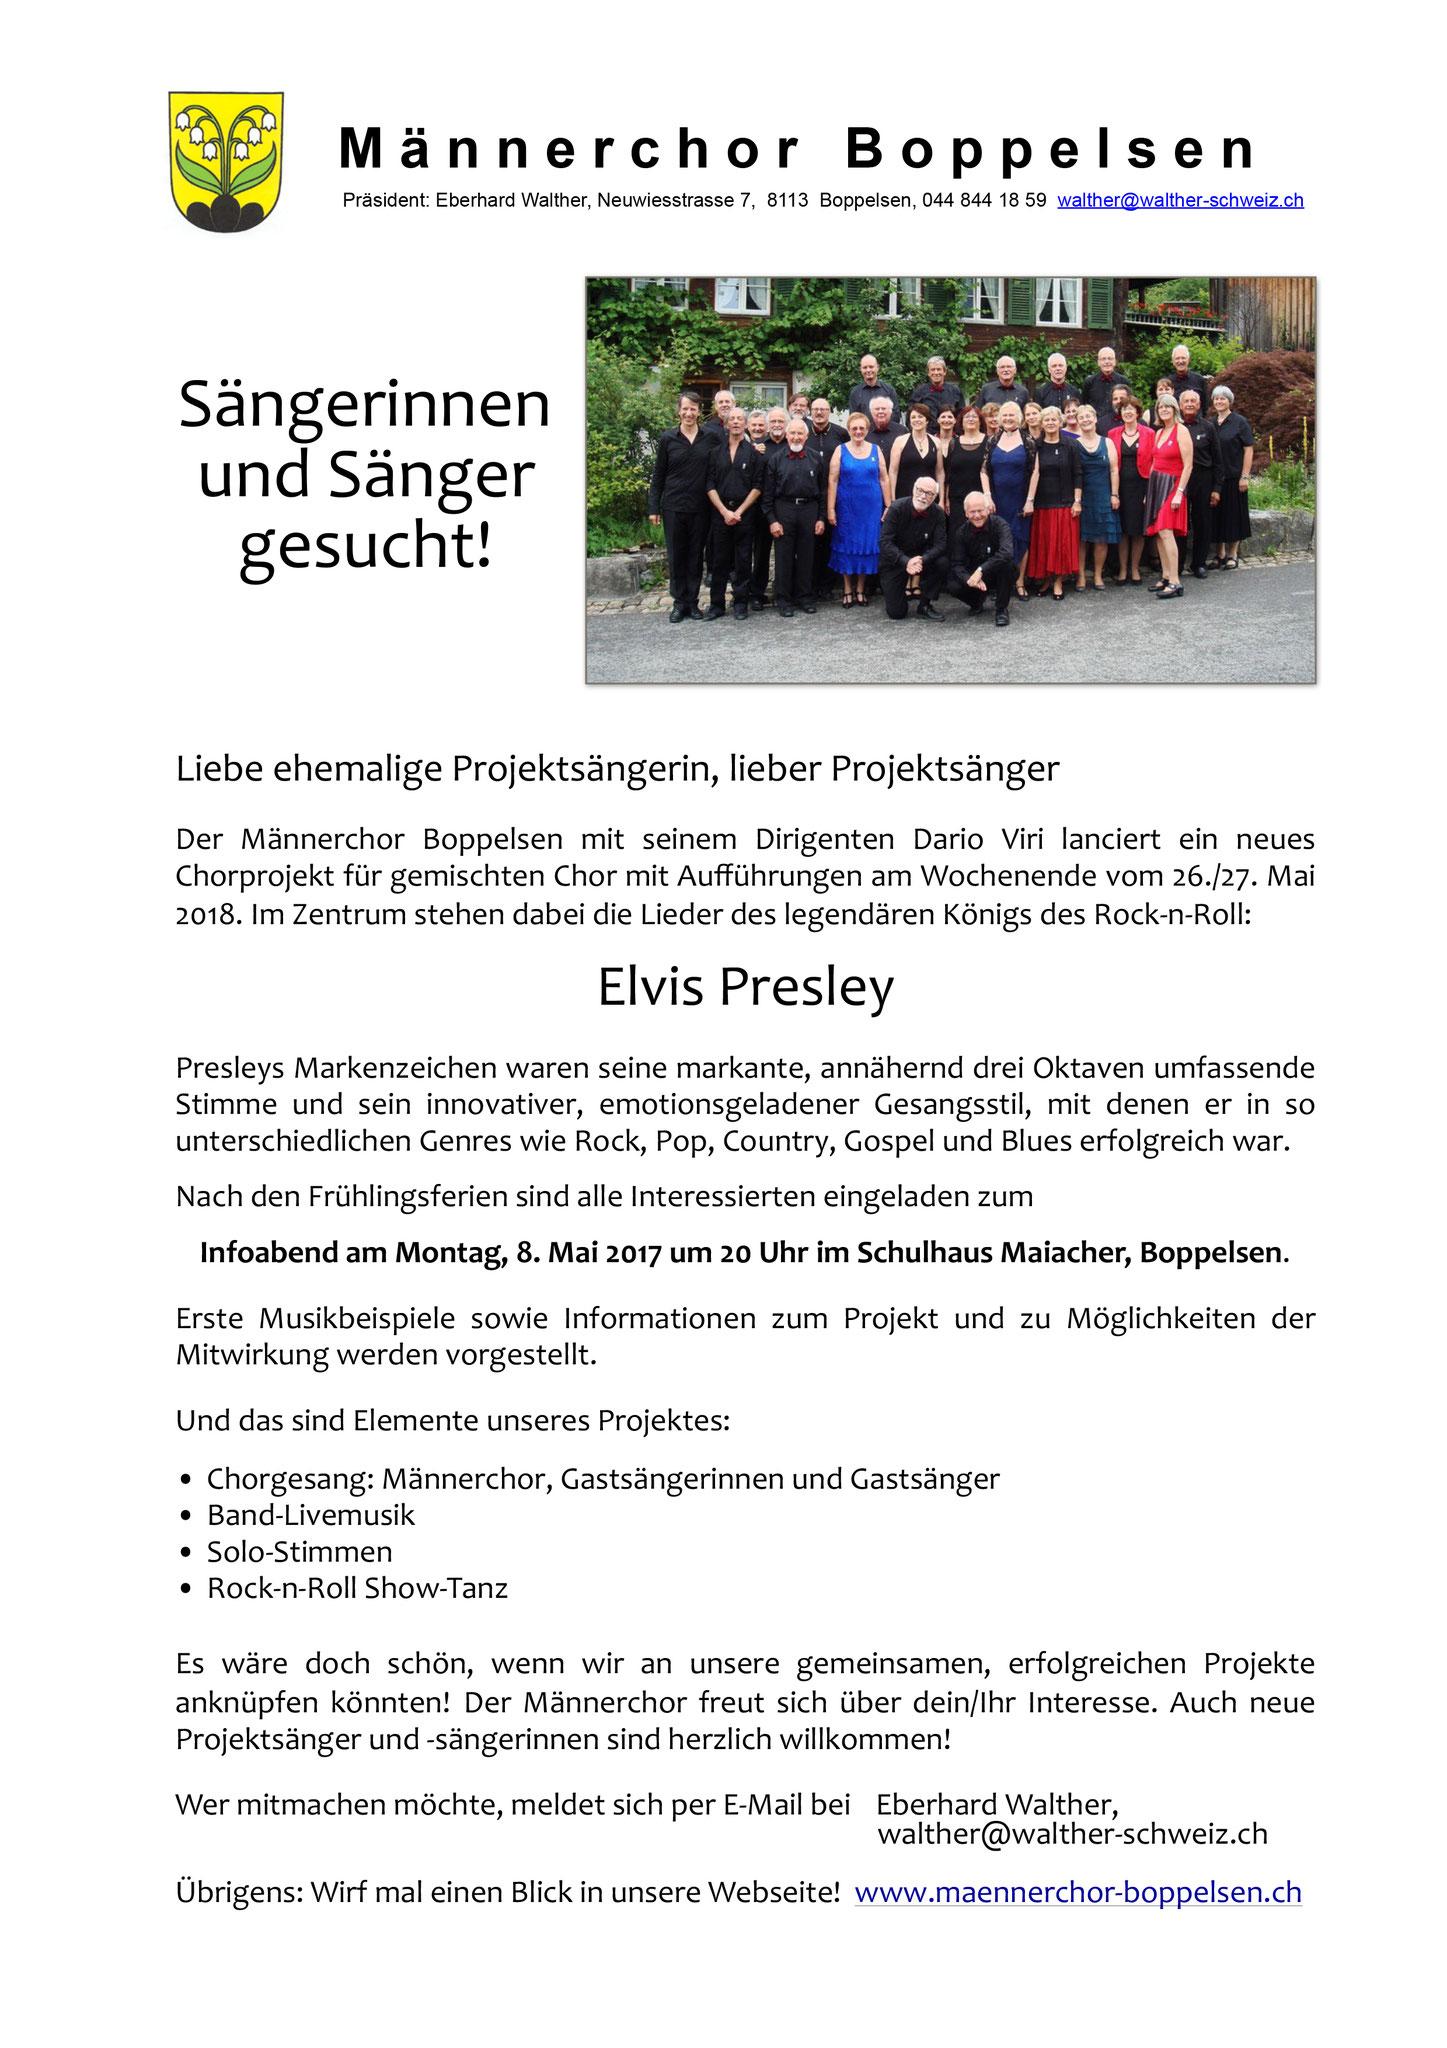 Sängerinnen und Sänger gesucht!